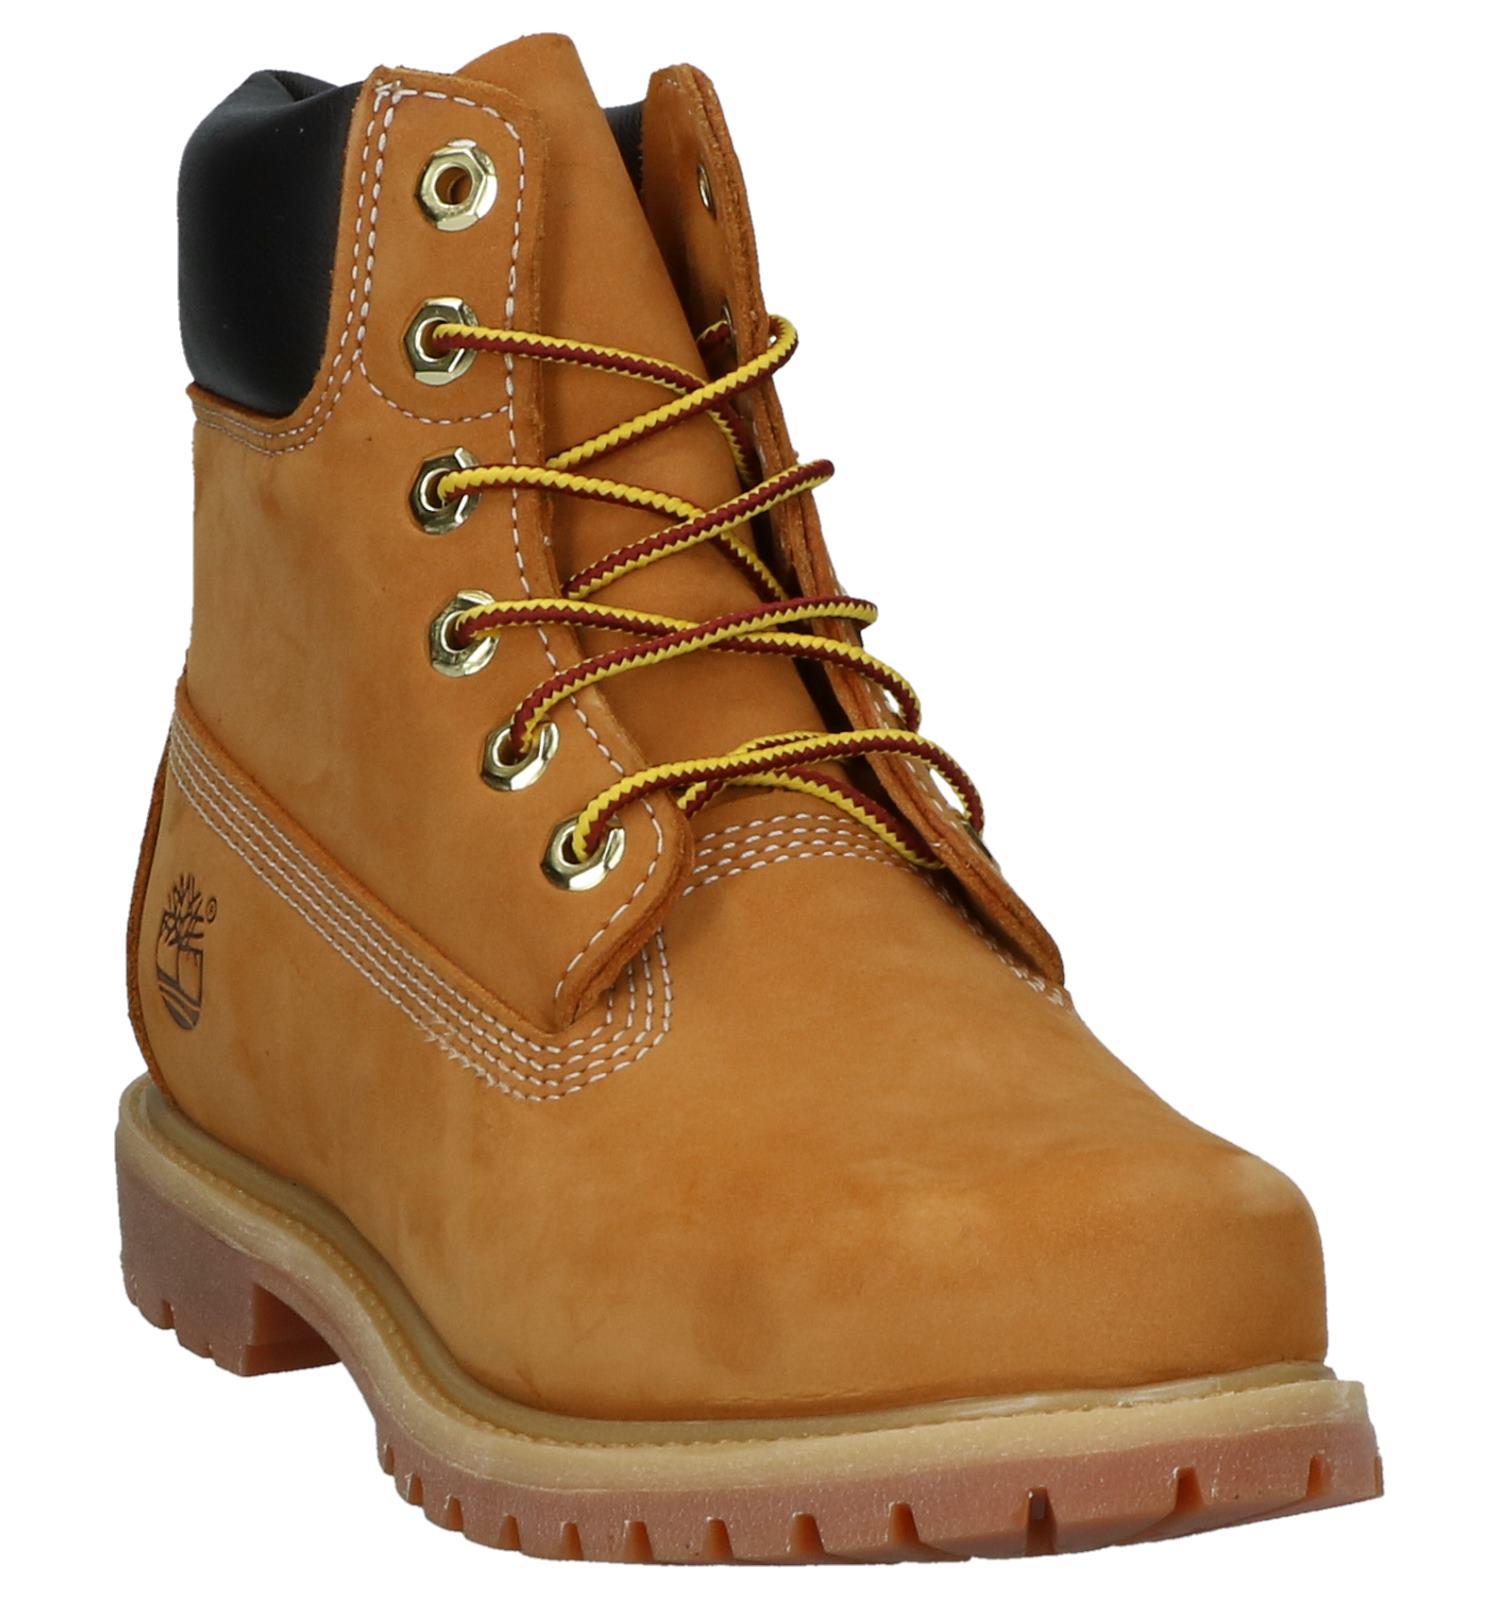 Timberland Gratis 6 Inch Premium Boots Torfs Naturel be Verzend PPqSxr